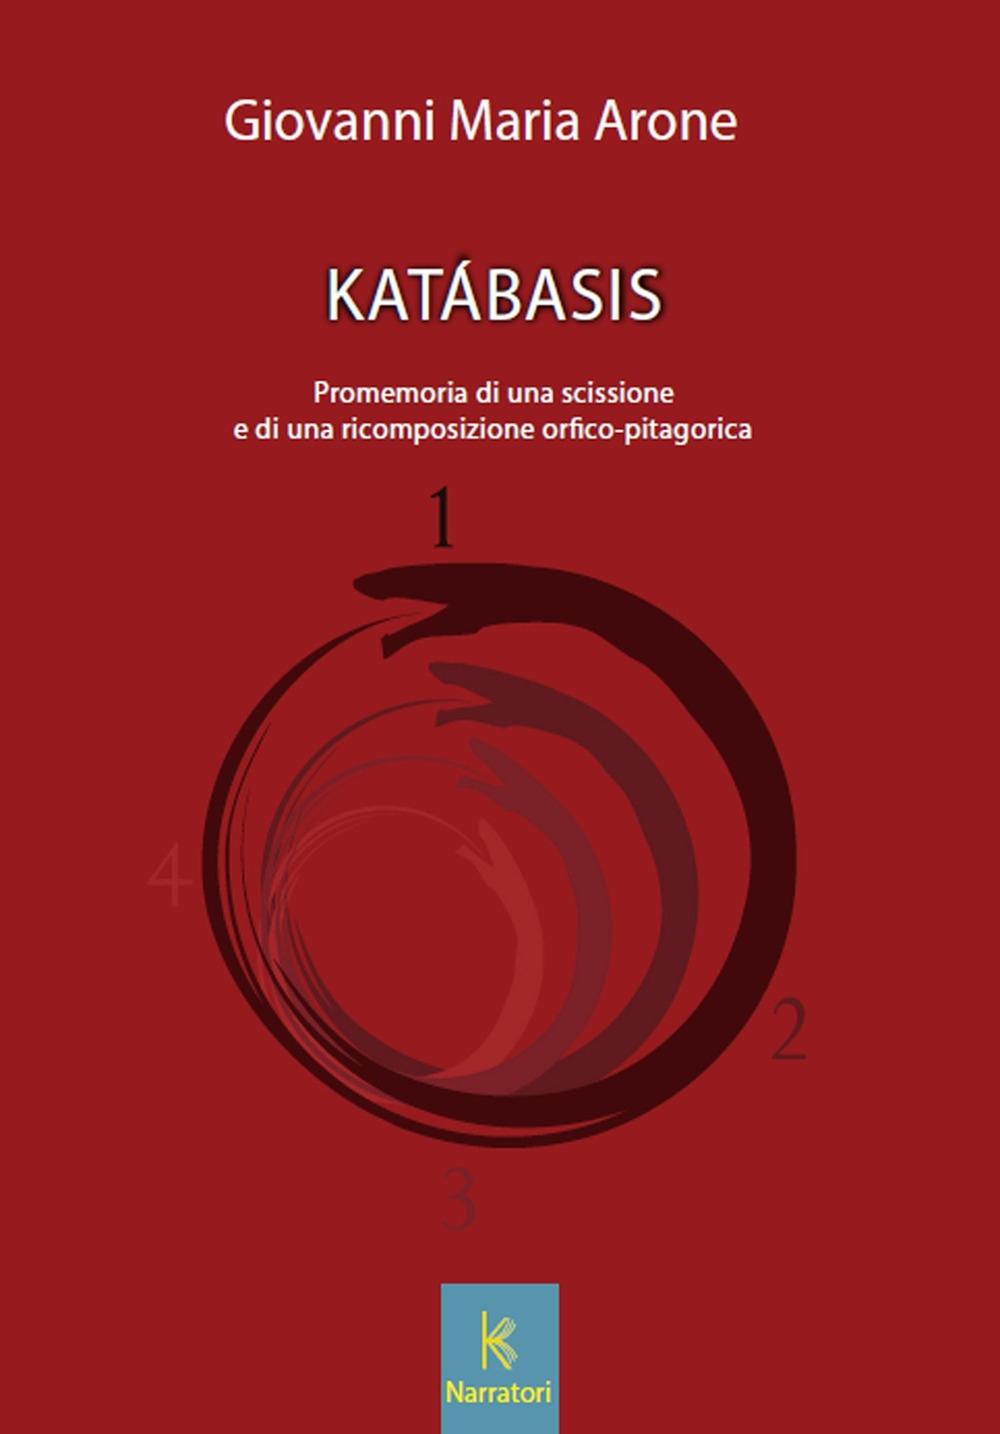 Katabasis. Promemoria di una scissione e di una ricomposizione orfico-pitagorica.